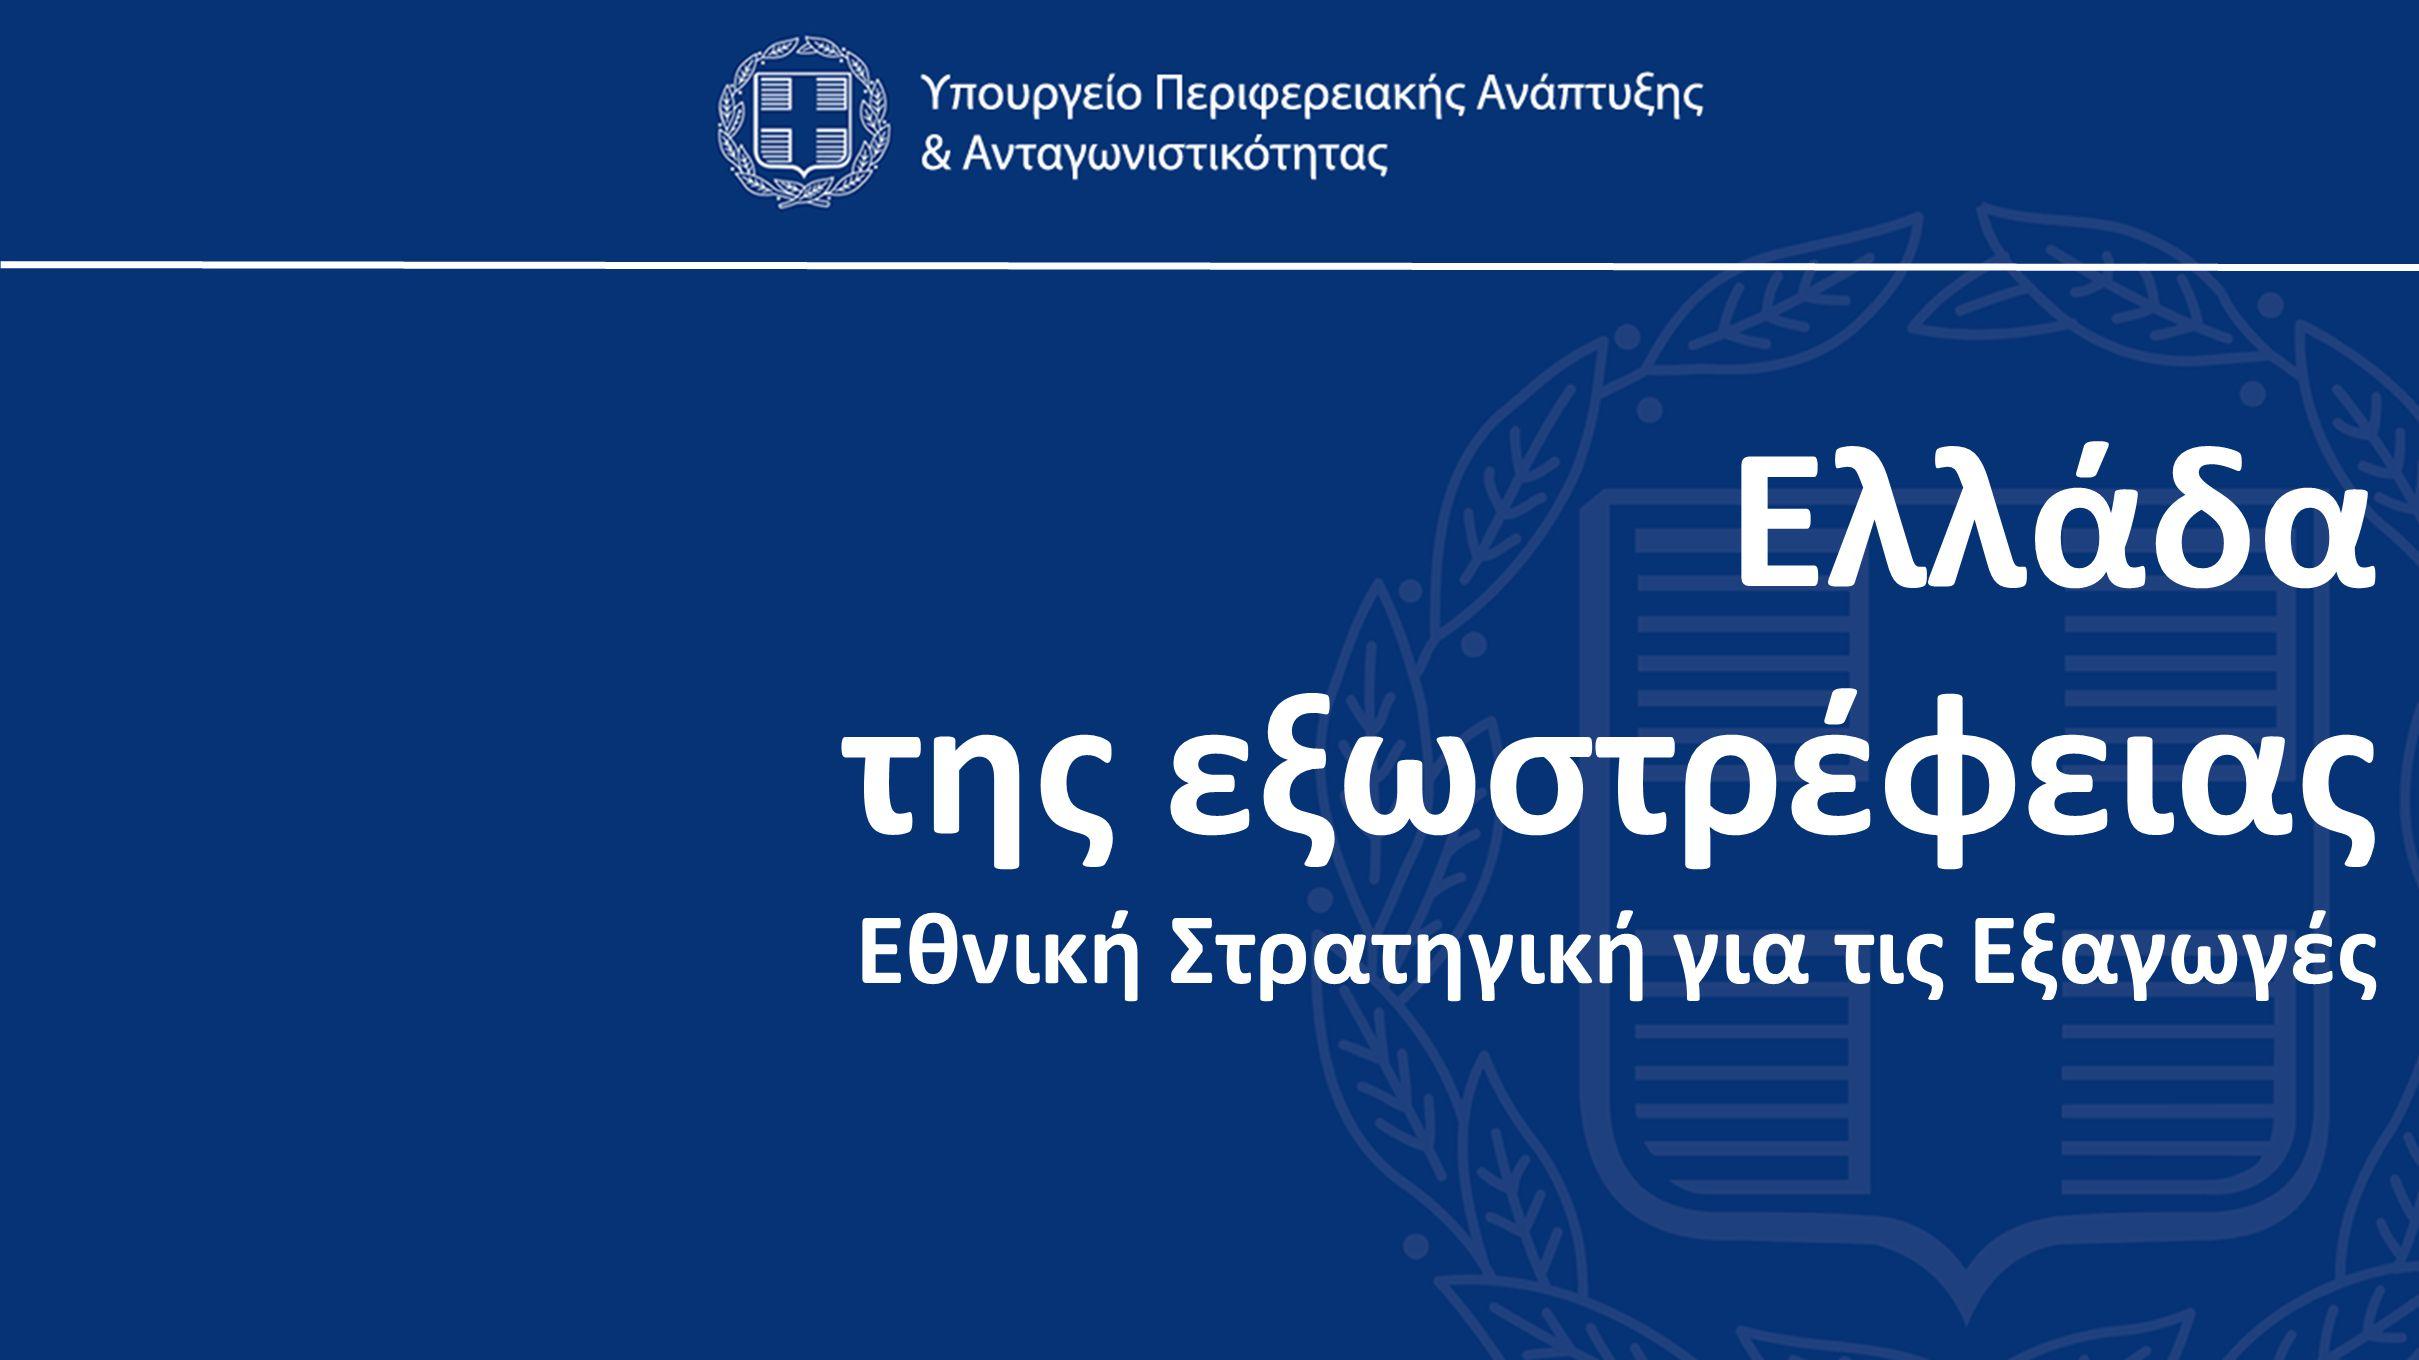 Ελλάδα της εξωστρέφειας Εθνική Στρατηγική για τις Εξαγωγές